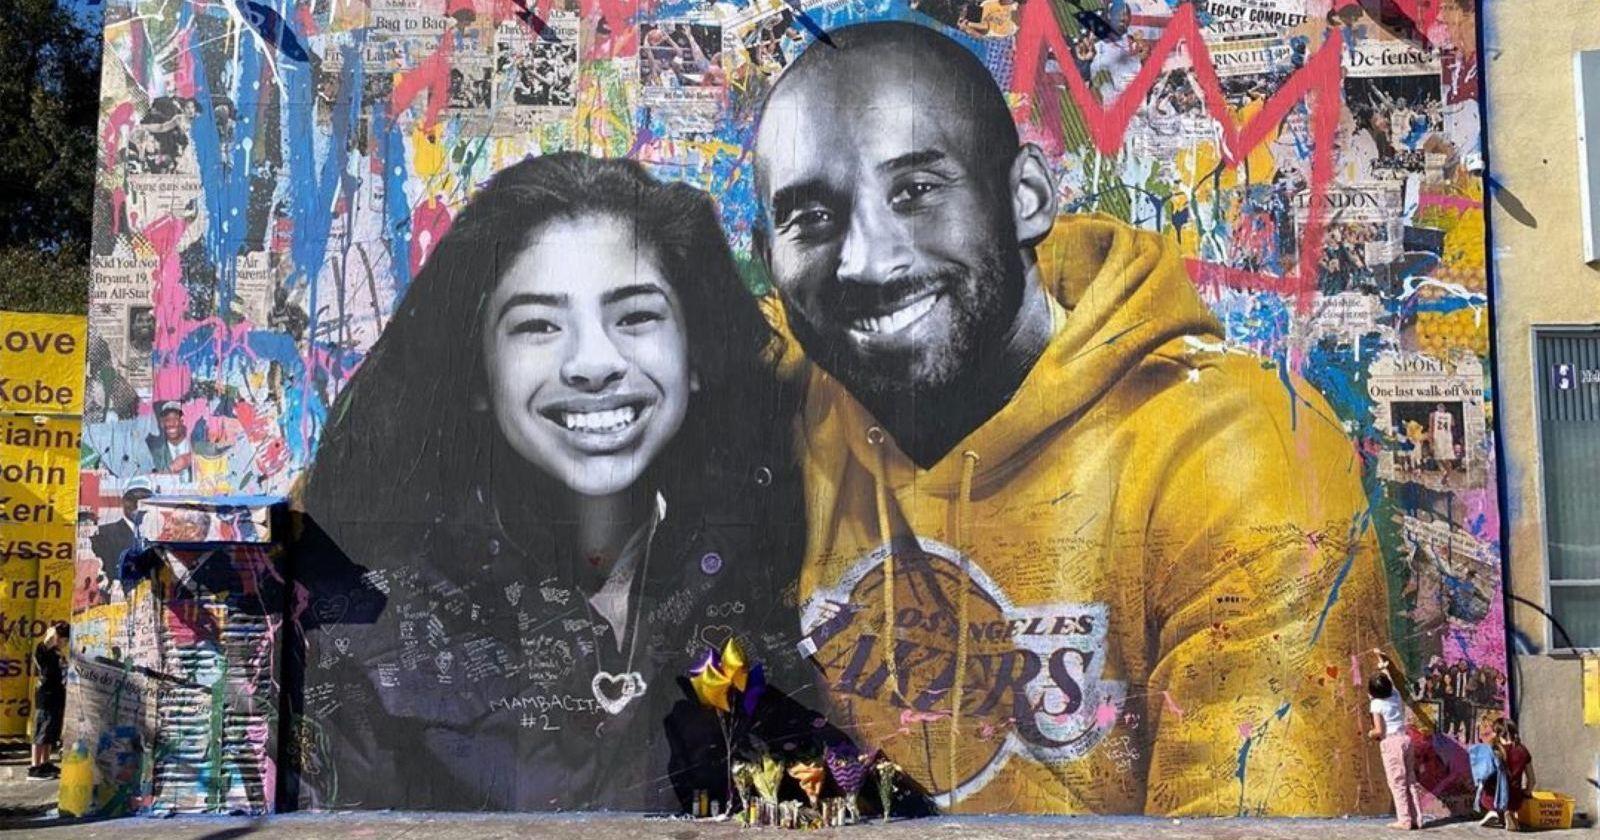 Murales de Kobe Bryant quedaron intactos tras las protestas en Estados Unidos